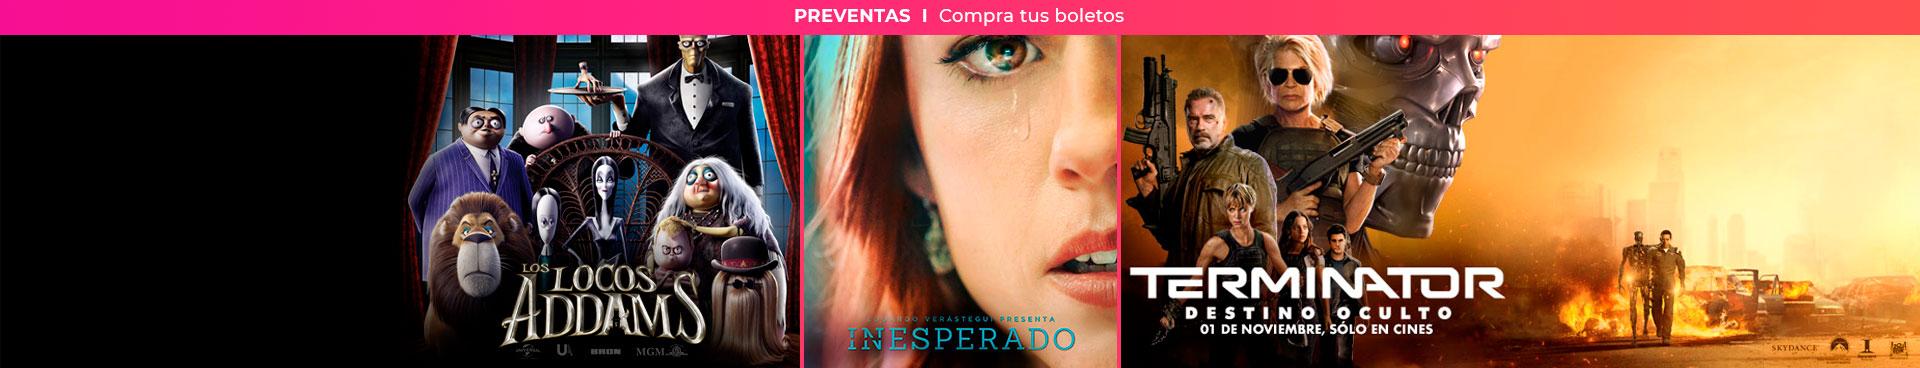 Preventas: Los locos Addams / Terminator / Inesperado